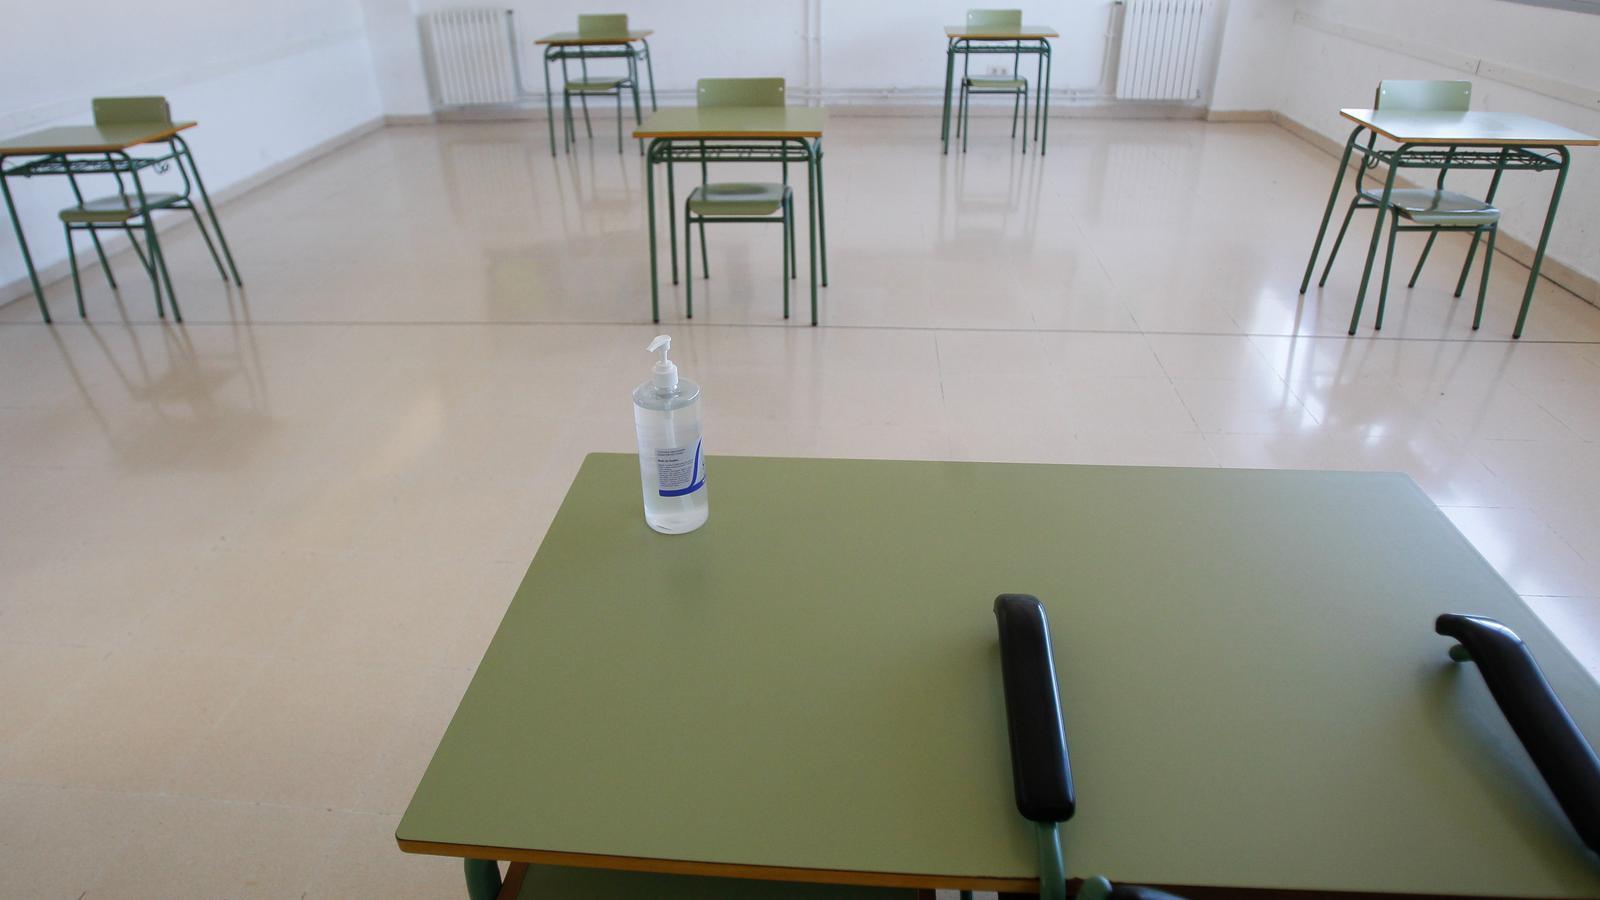 Aula de l'institut de Binissalem adaptada per fer tutories amb mesures de prevenció del covid-19